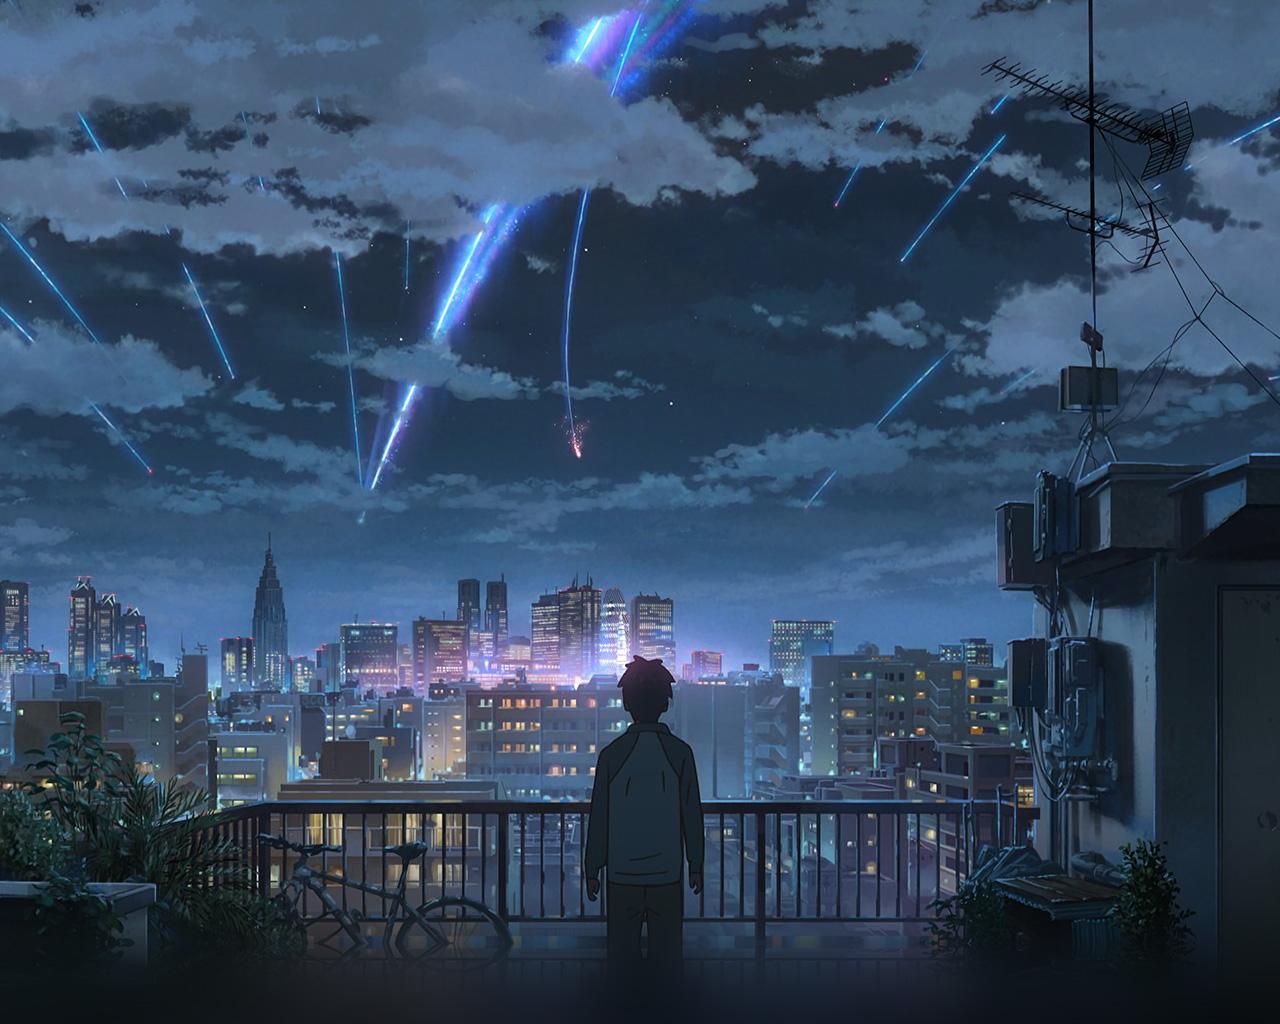 Anime Aesthetic Wallpaper Dark Desktop